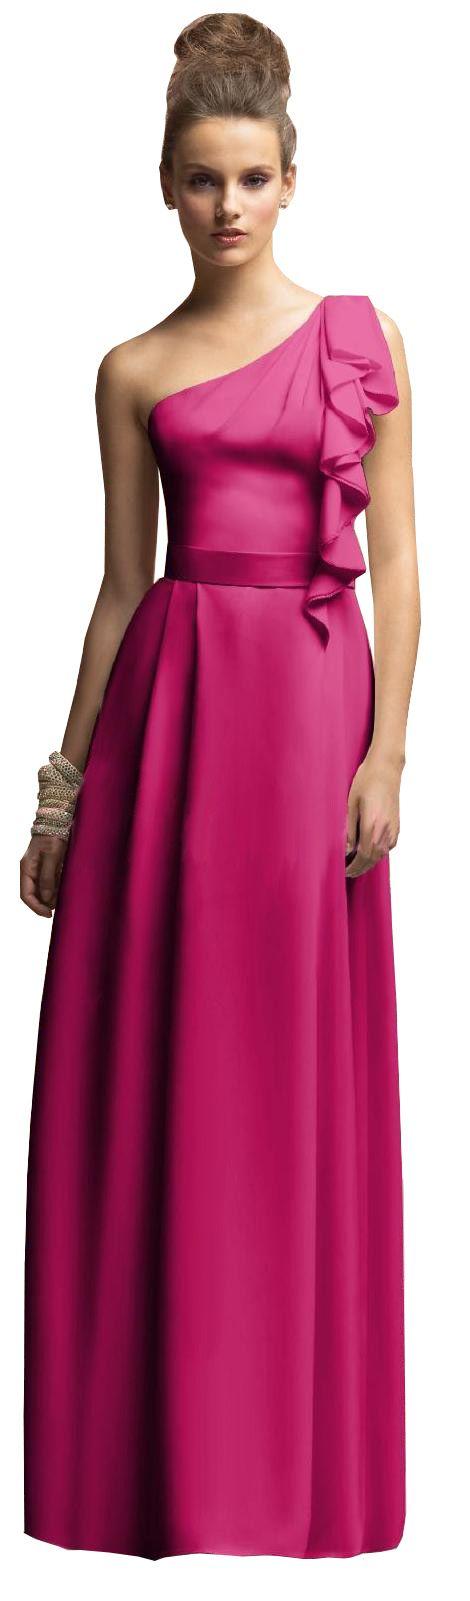 Вечернее платье на прокат - фото 7416144 Салон проката платьев Garderob